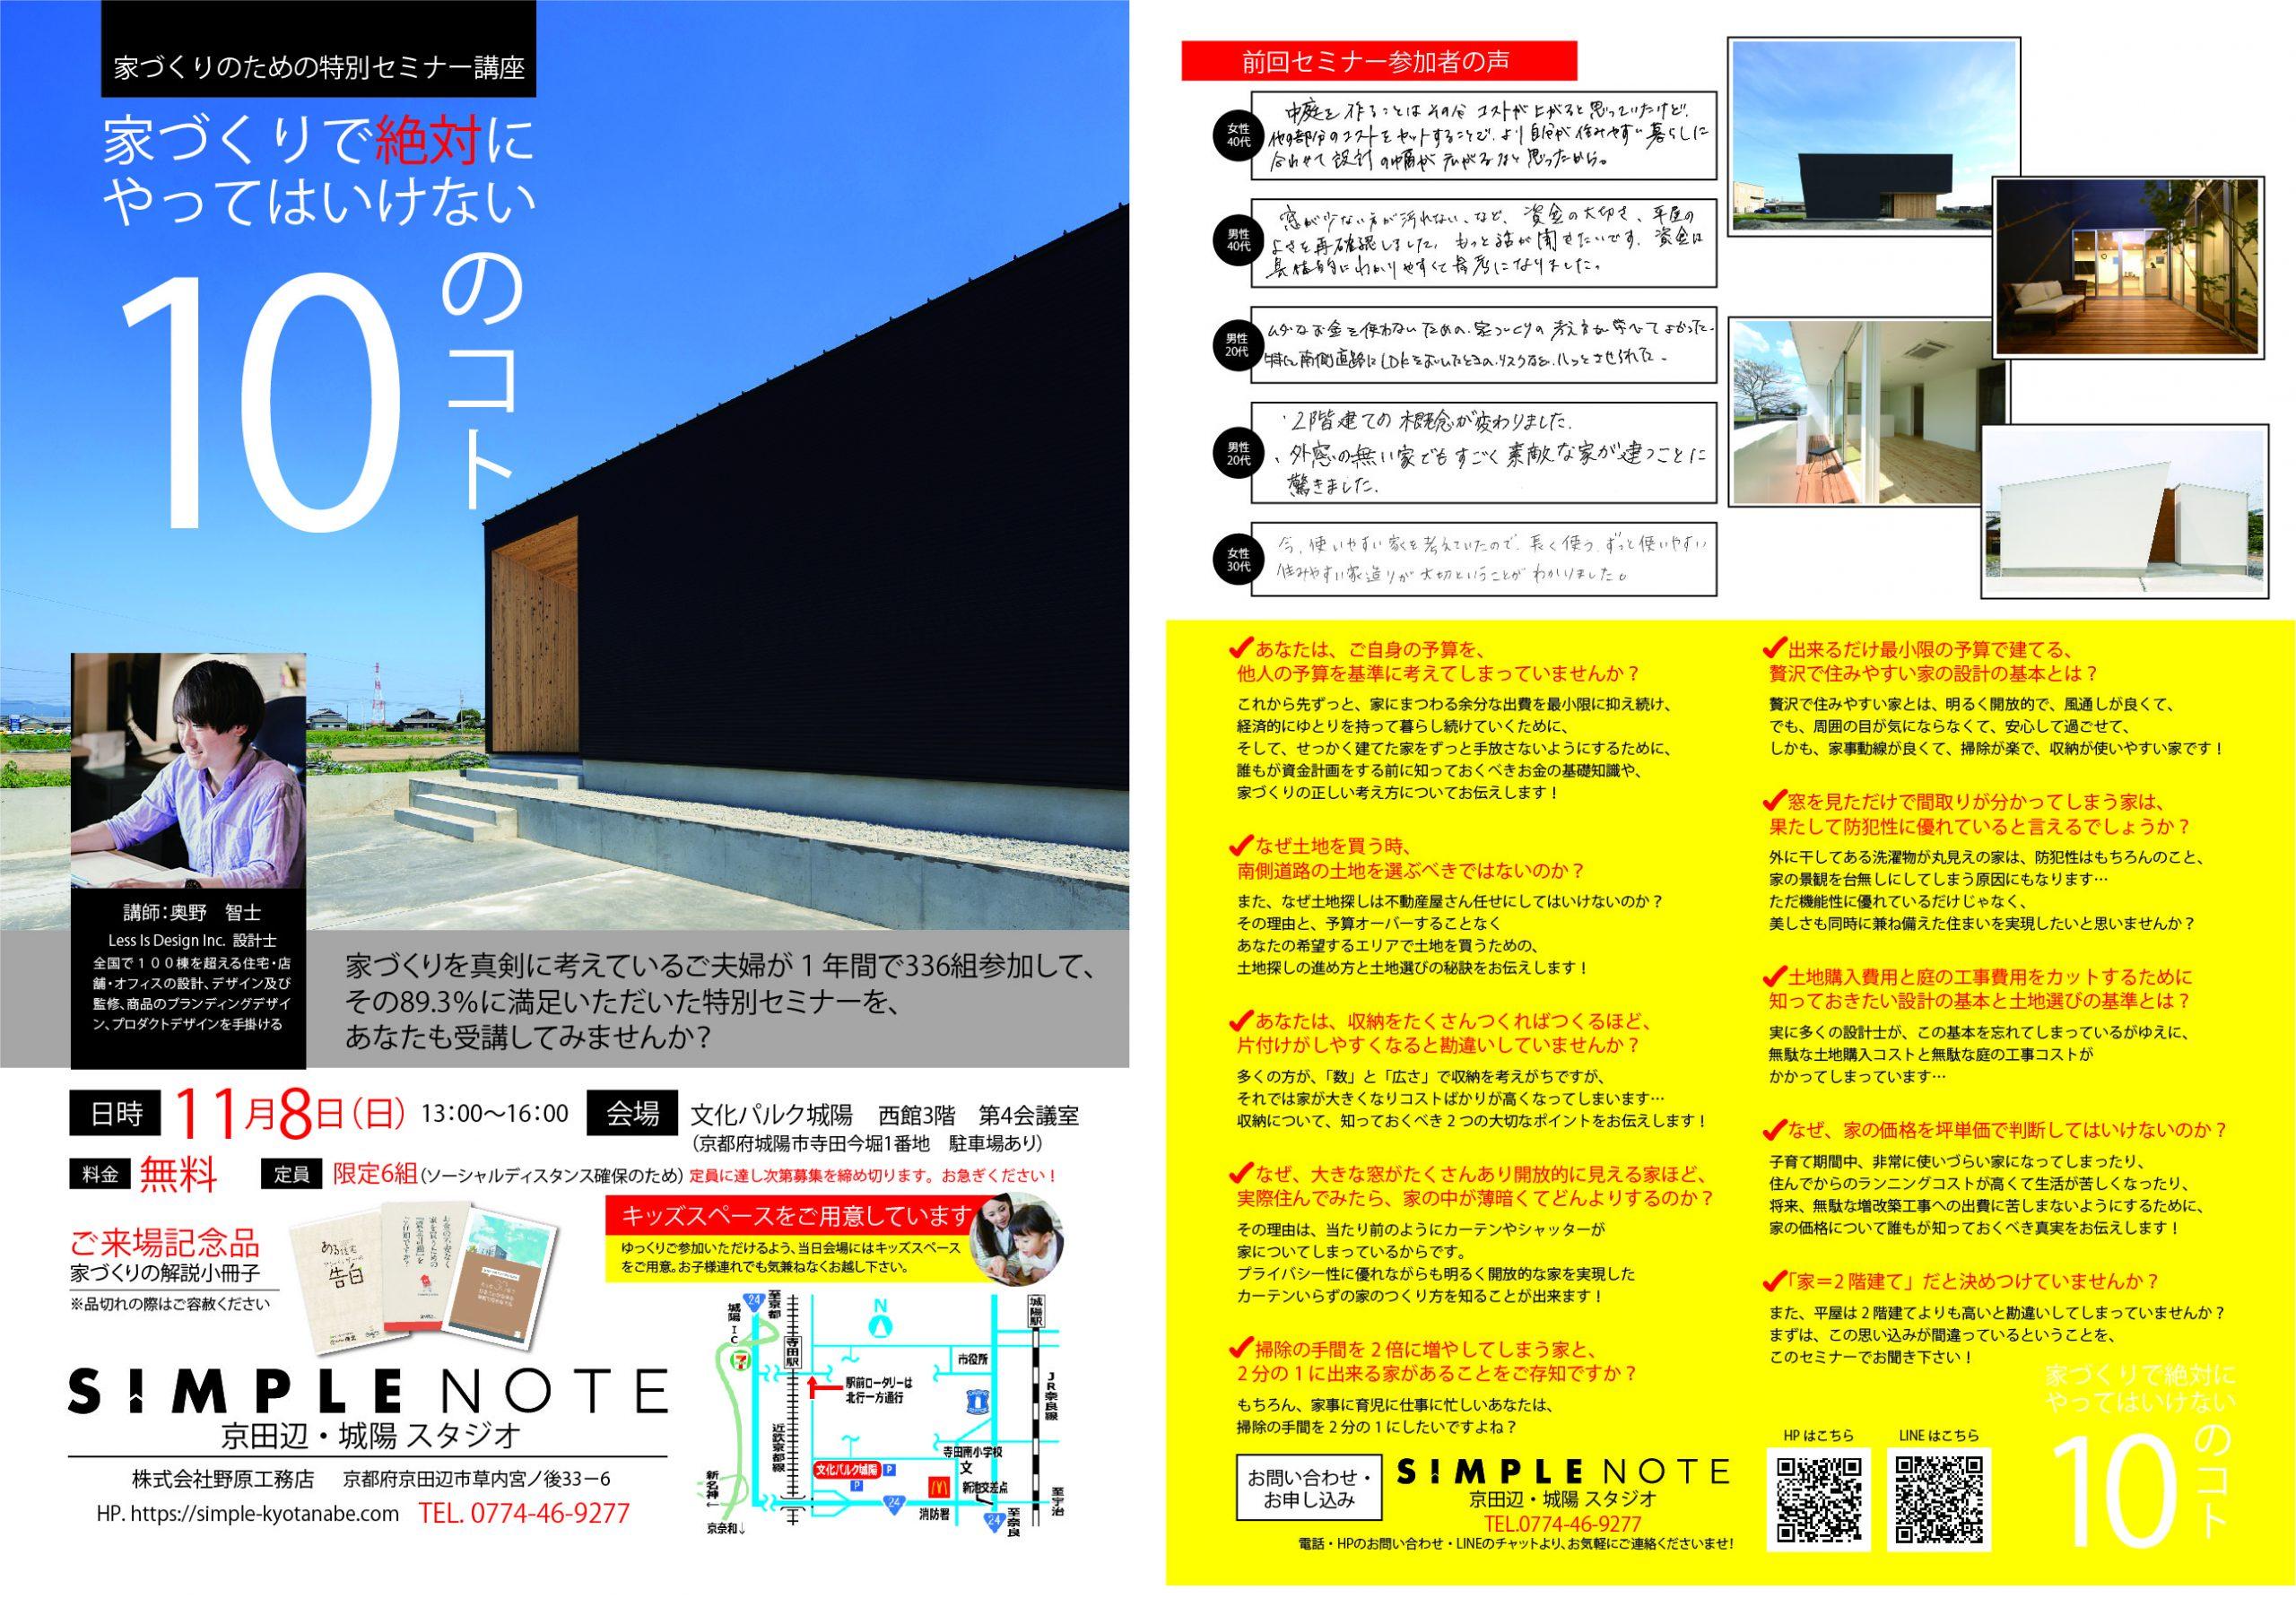 11/8(日) 家づくりセミナー開催♪ @文化パルク城陽